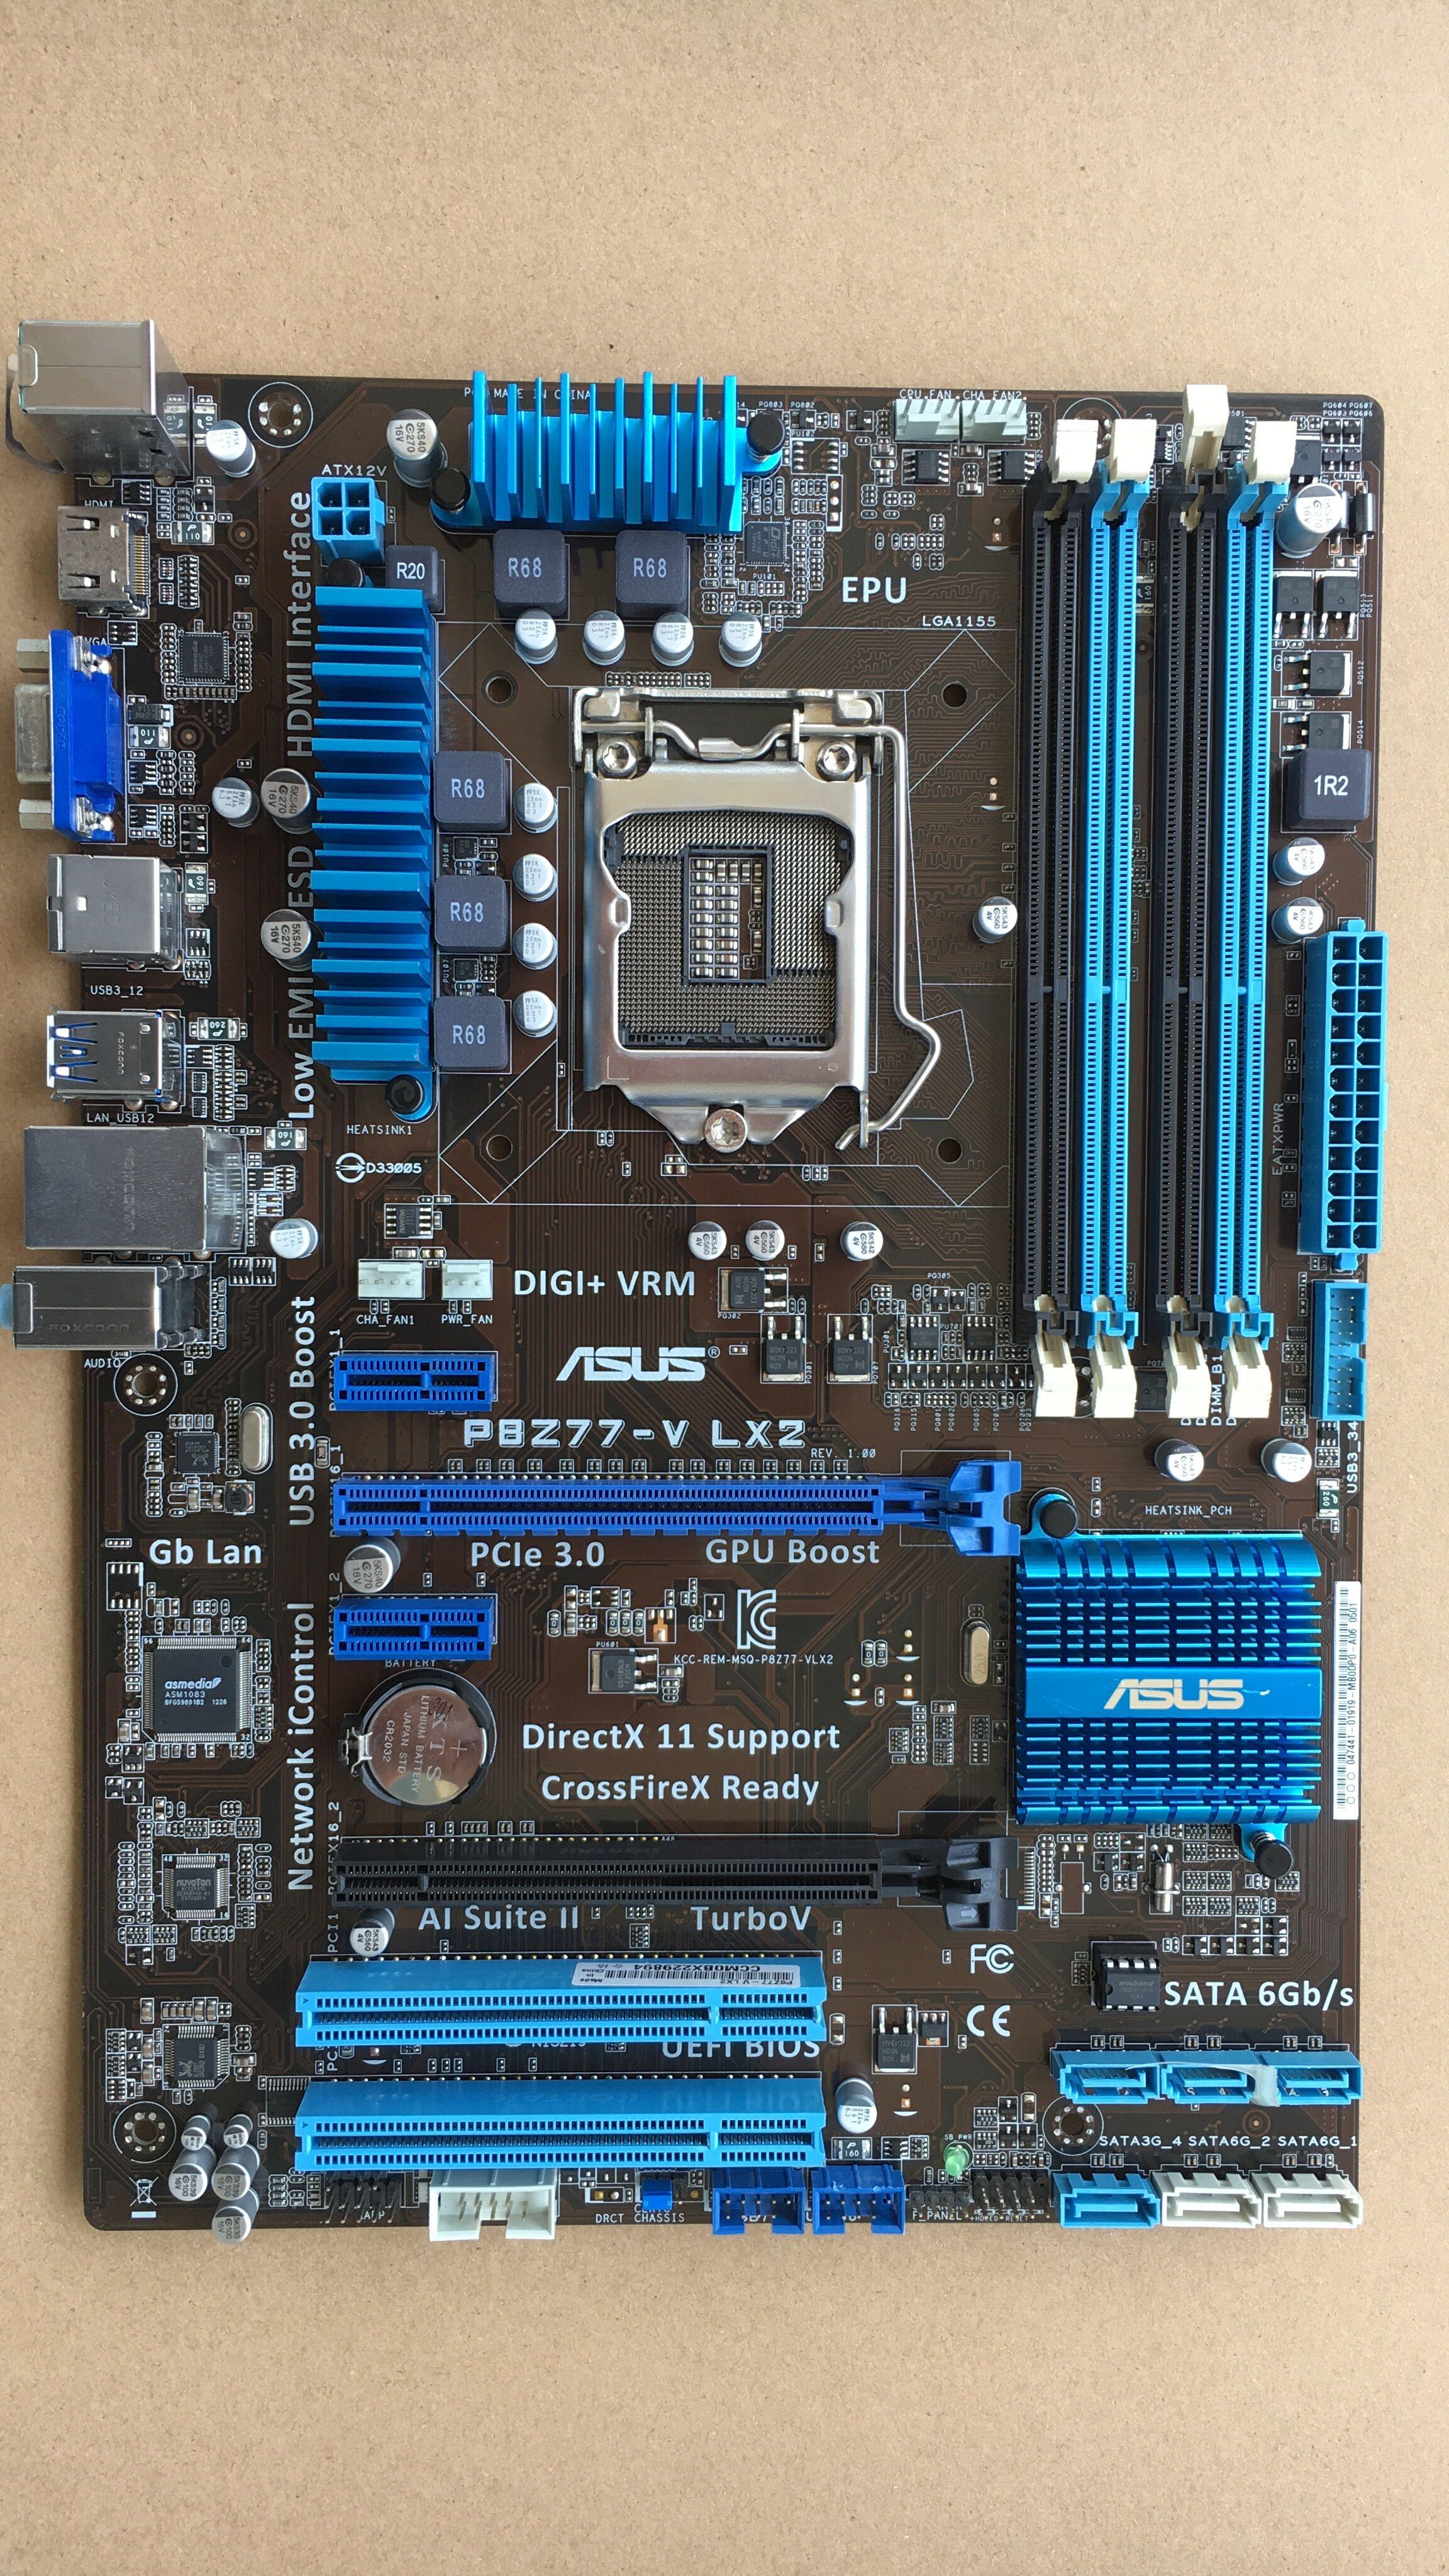 original motherboard P8Z77-V LX2 DDR3 LGA 1155 for I3 I5 I7 CPU USB3.0 32GB Z77 Desktop motherboard литой диск replica fr lx 98 8 5x20 5x150 d110 2 et54 gmf